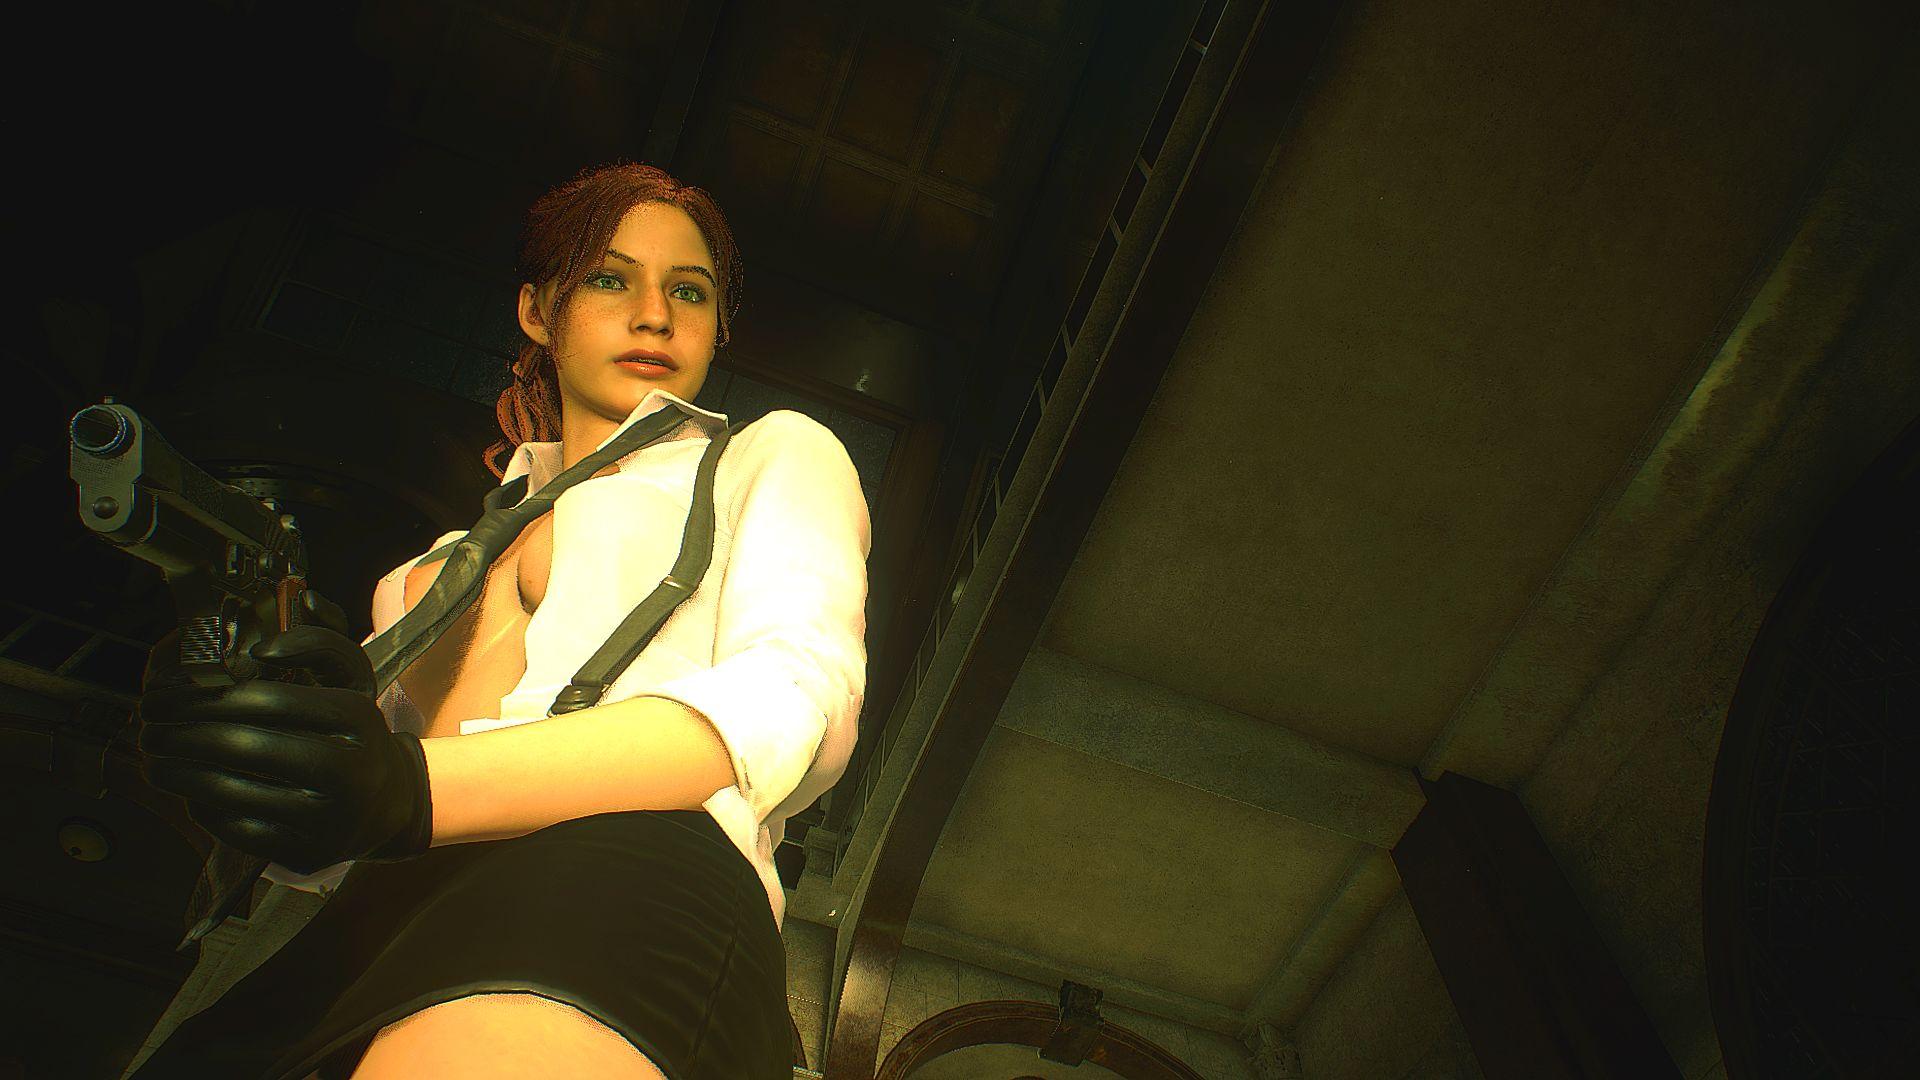 000782.Jpg - Resident Evil 2